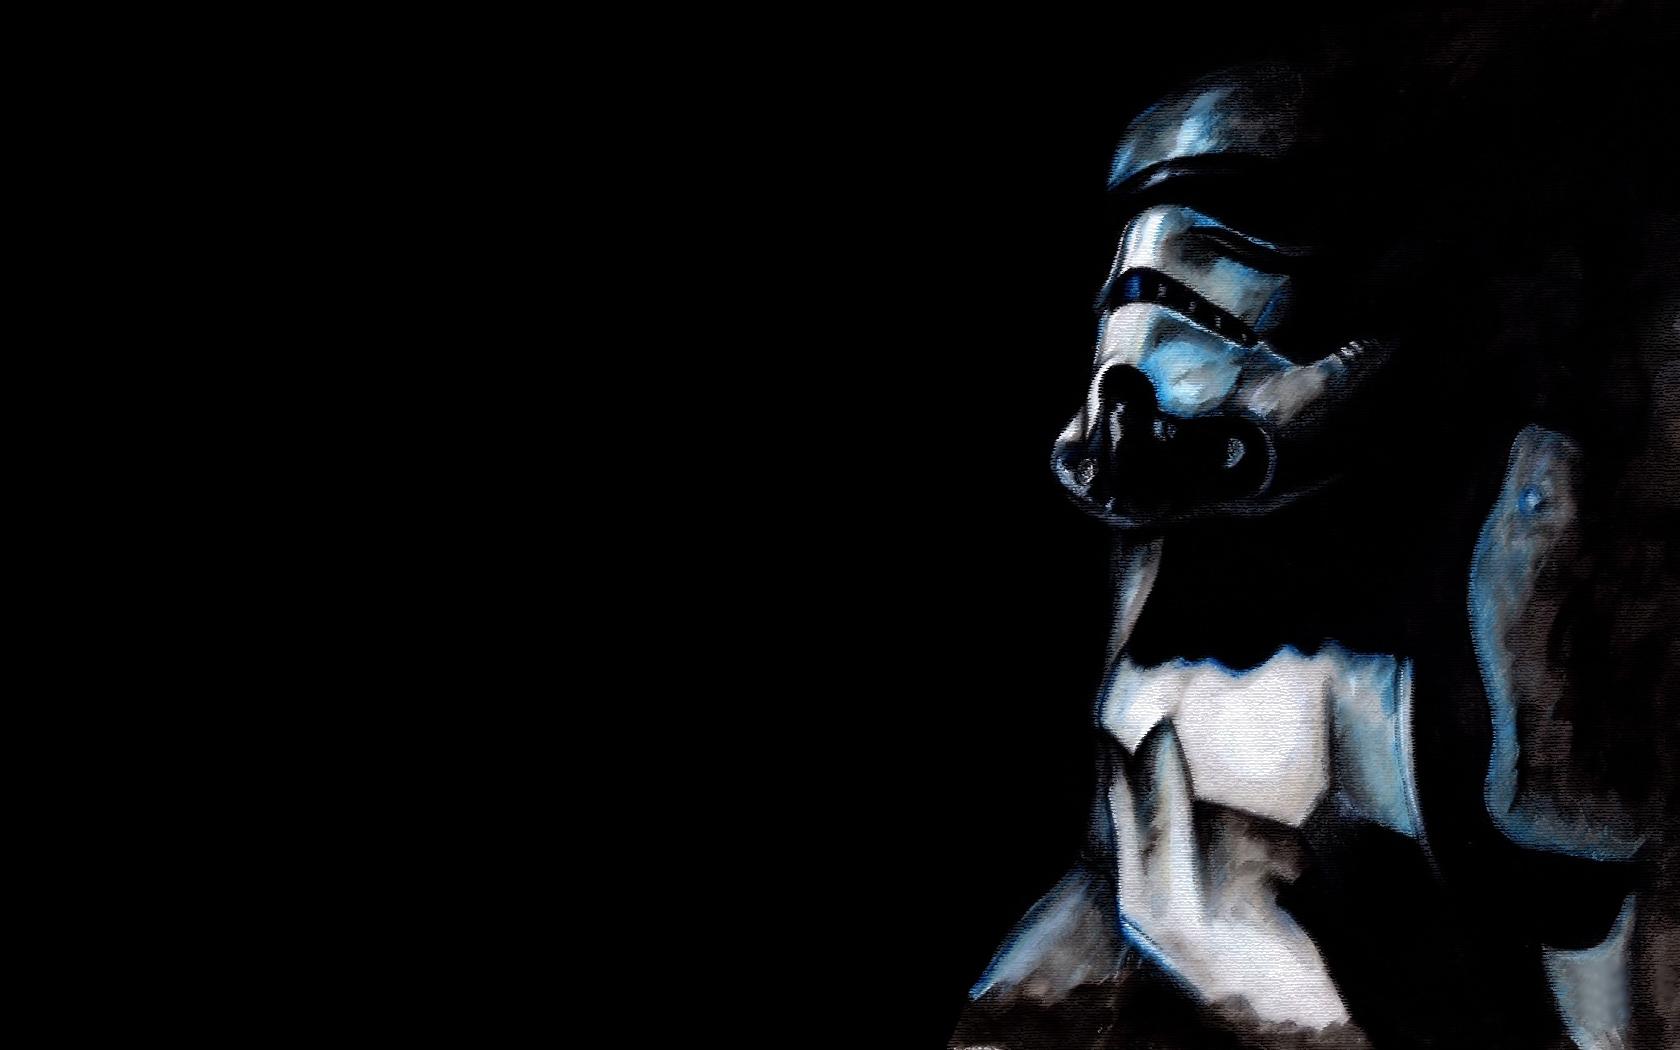 star wars fond d'écran and arrière-plan | 1680x1050 | id:61047